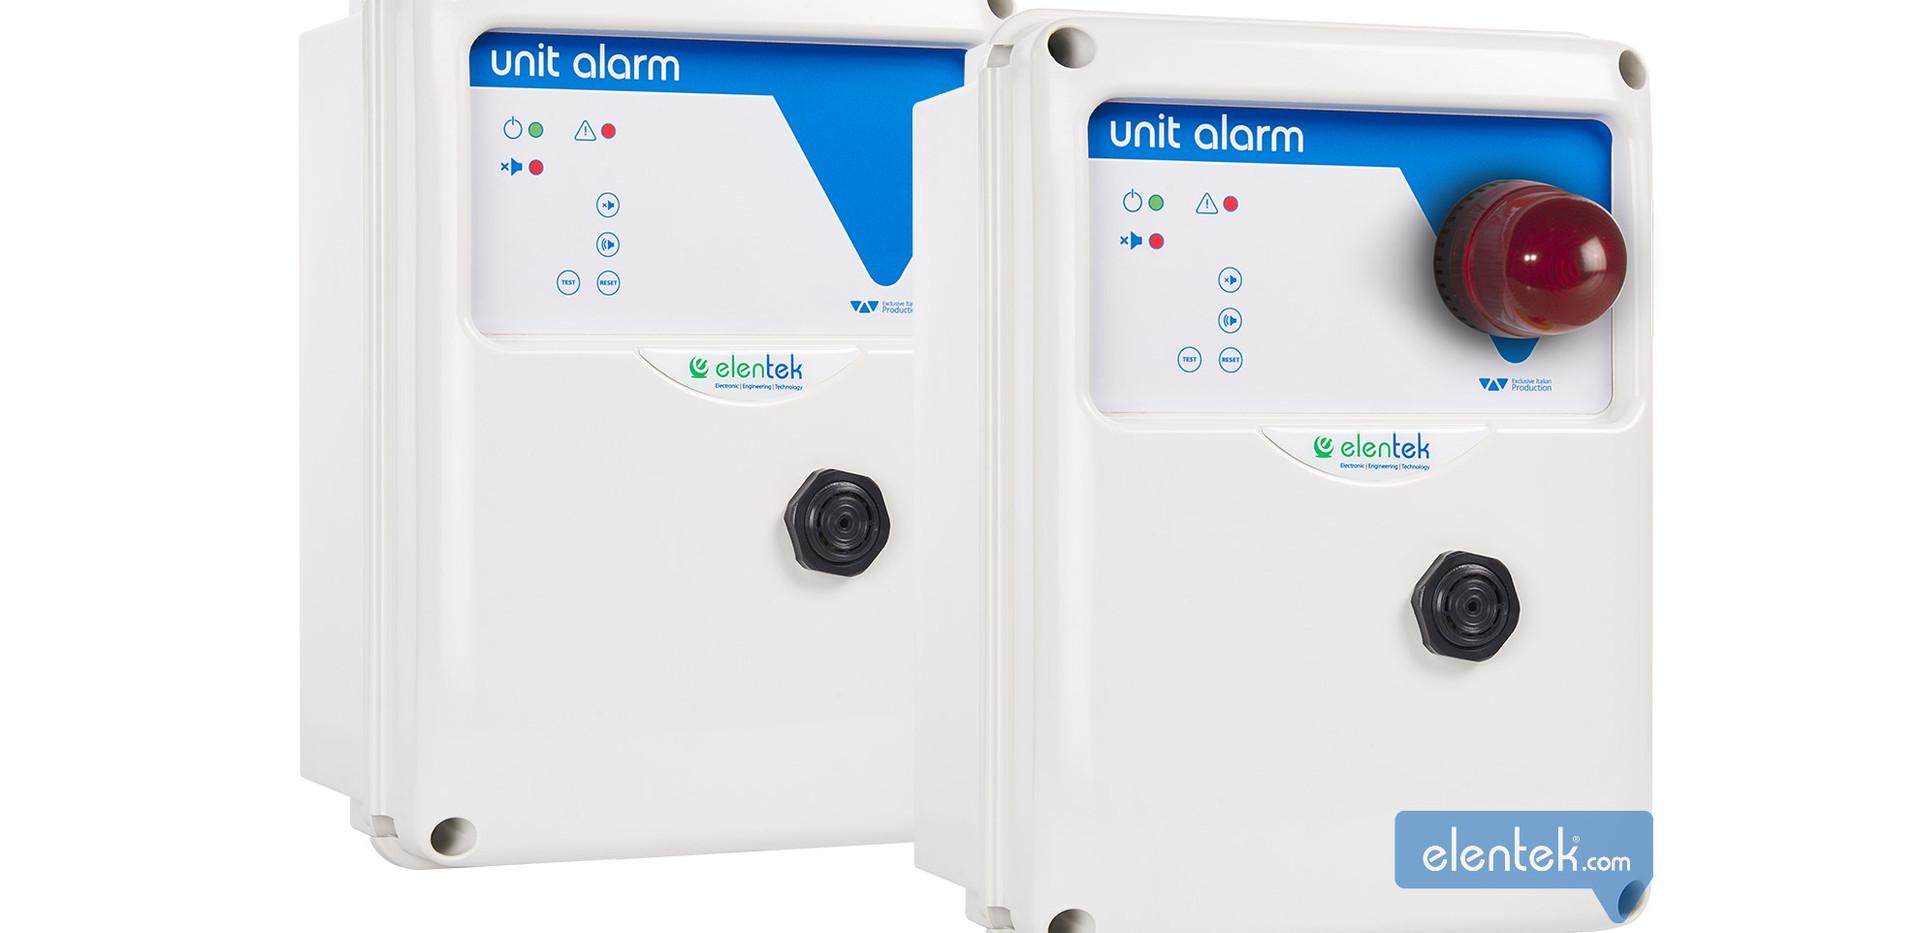 Unit Alarm